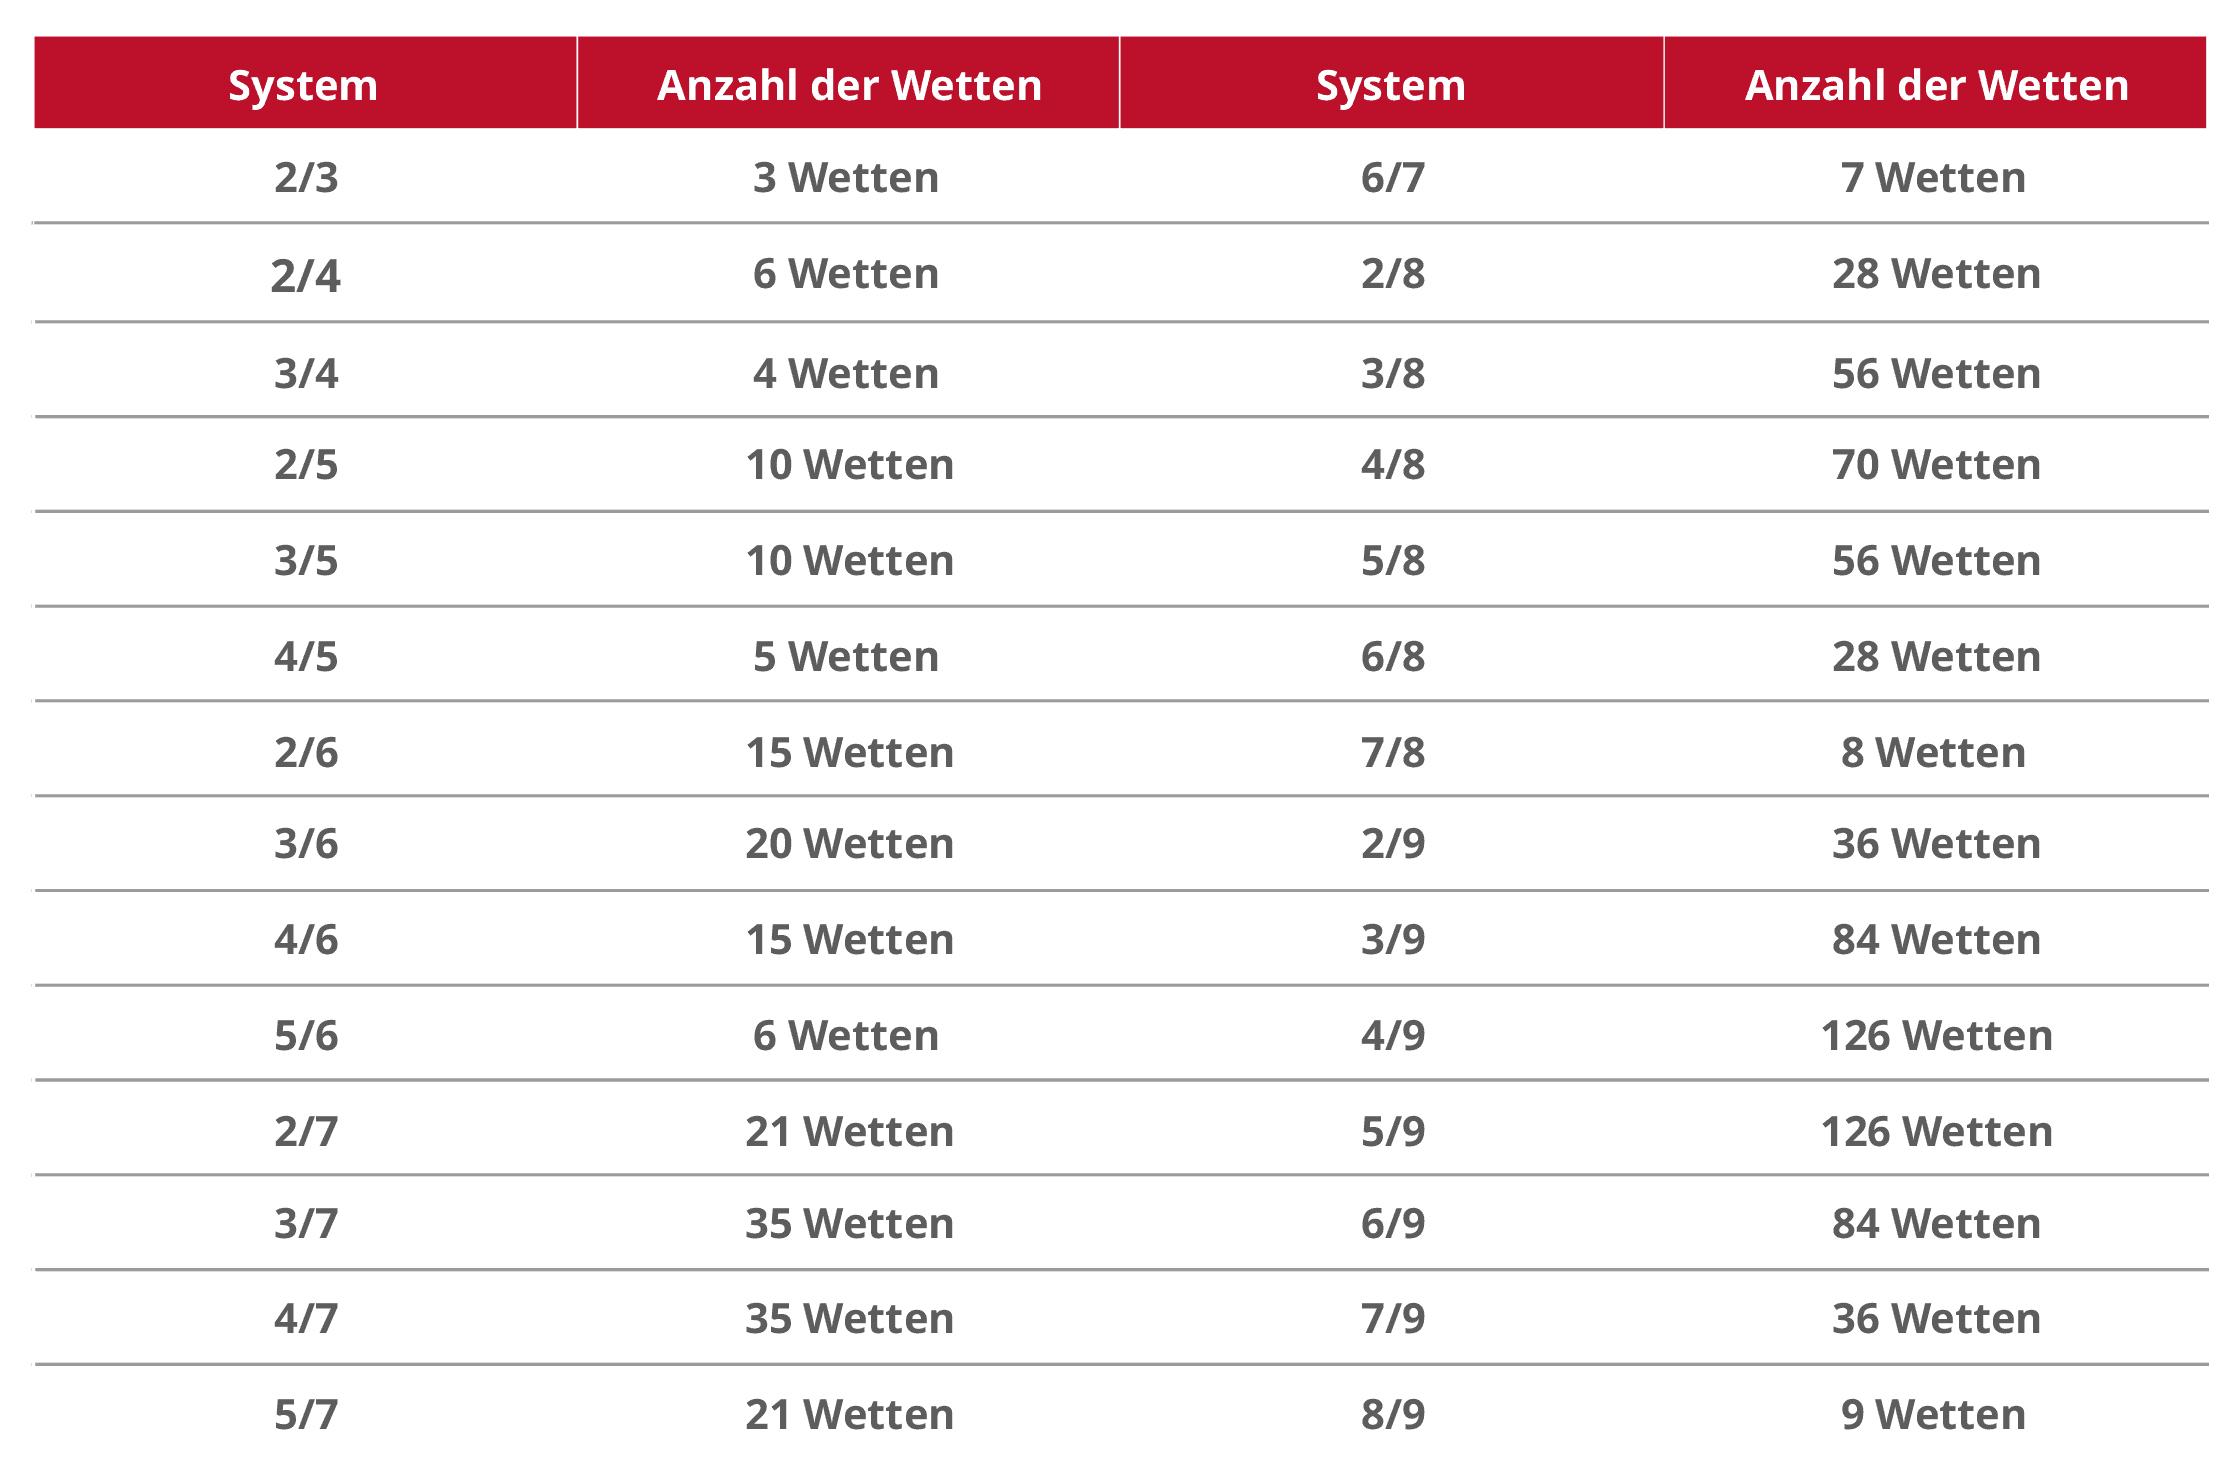 Systemwetten Tabelle